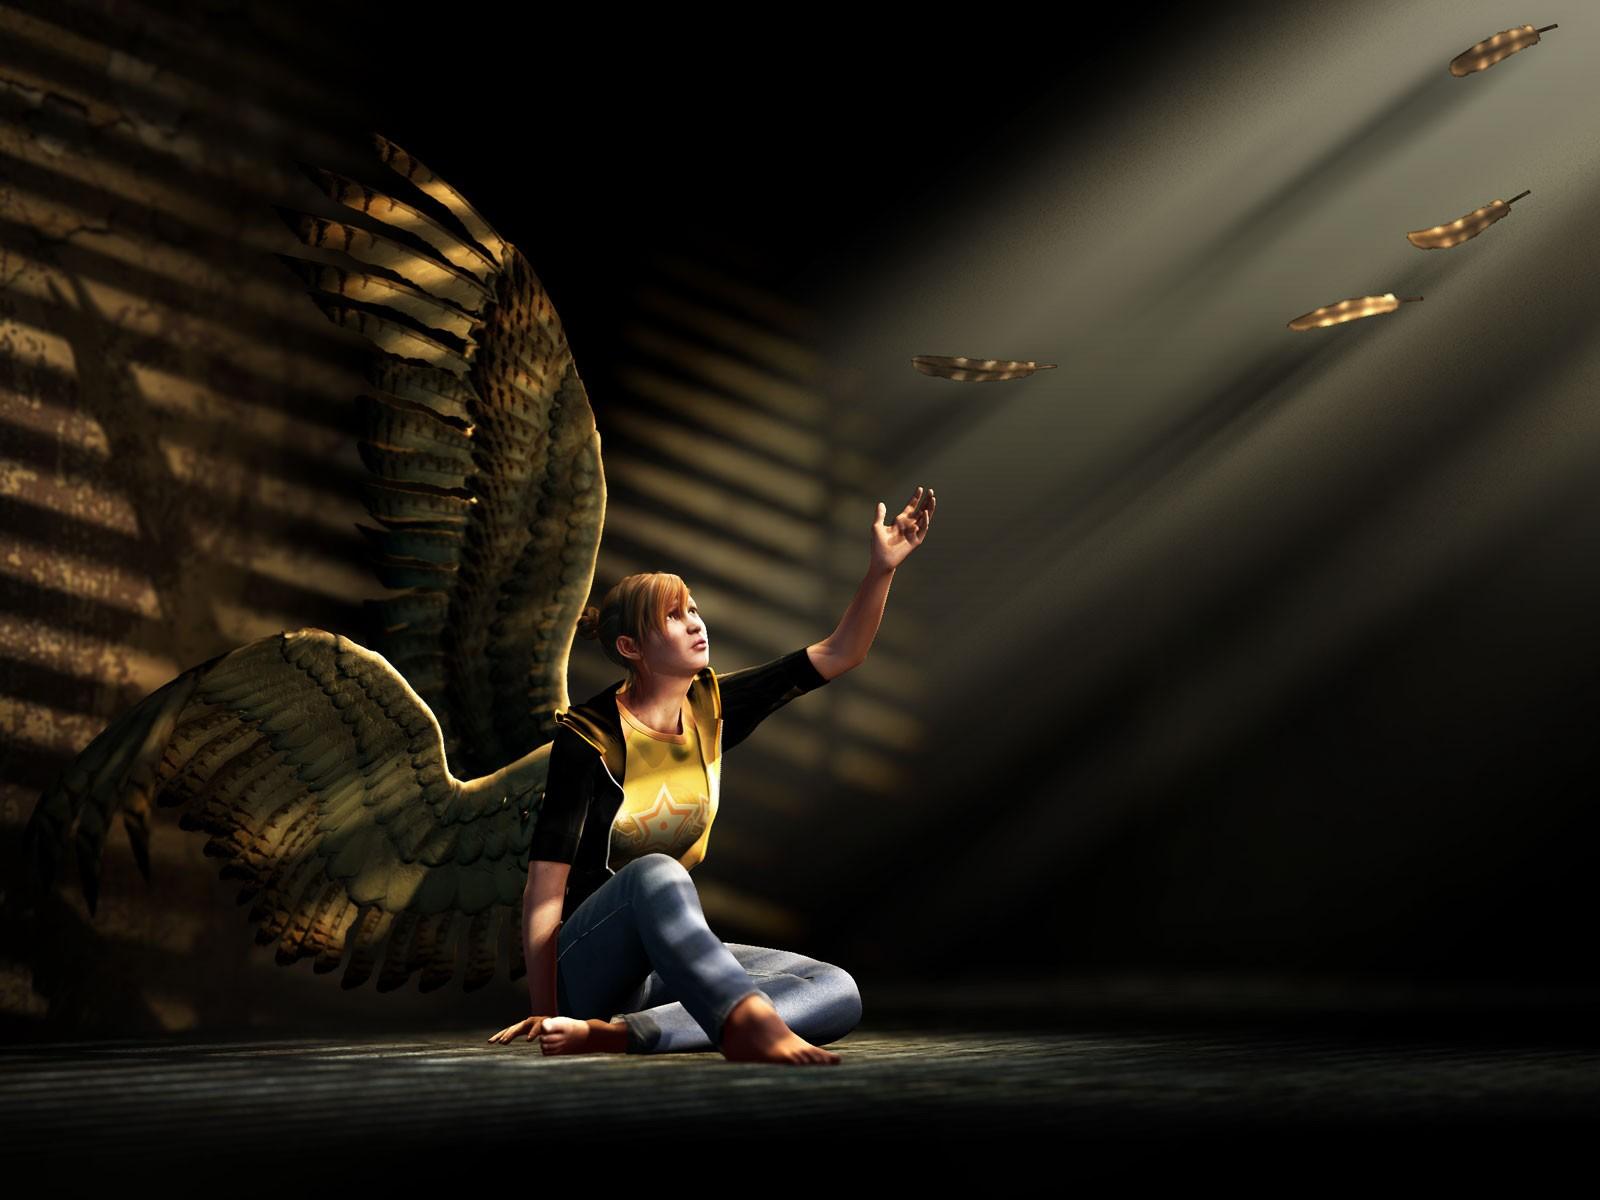 om animation wallpaper